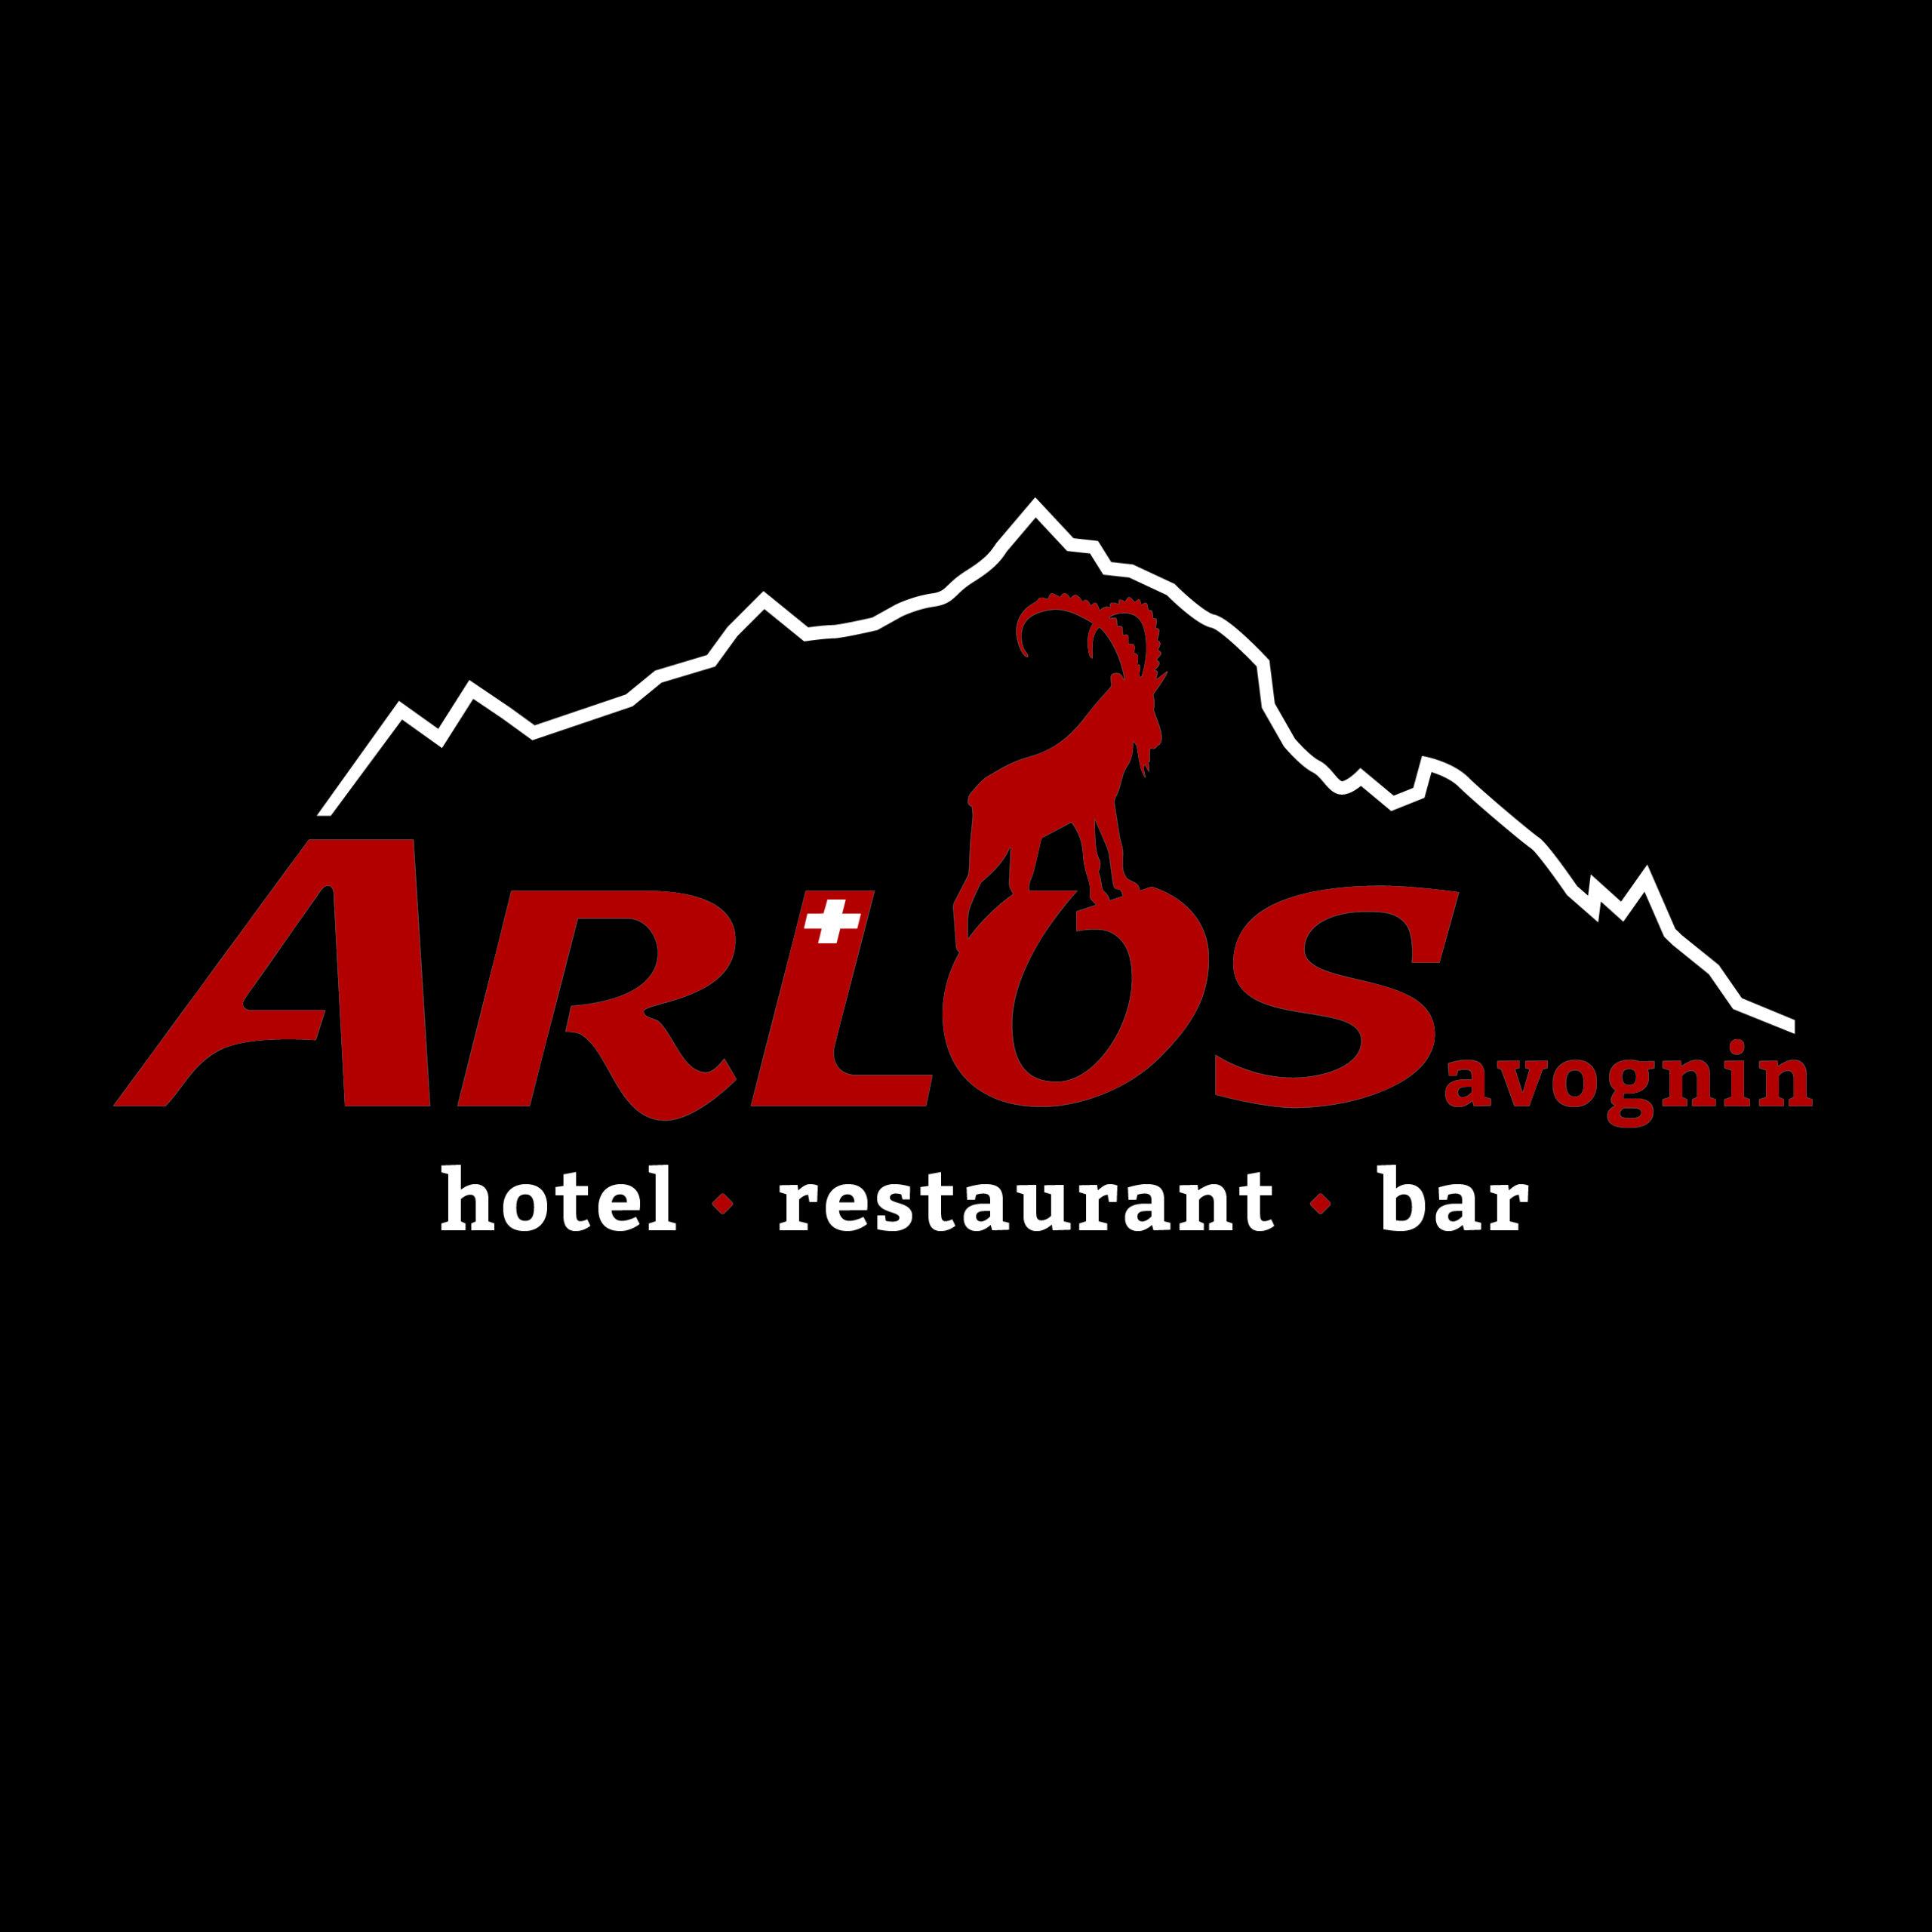 Hotel Arlos Savognin Restaurant Bar